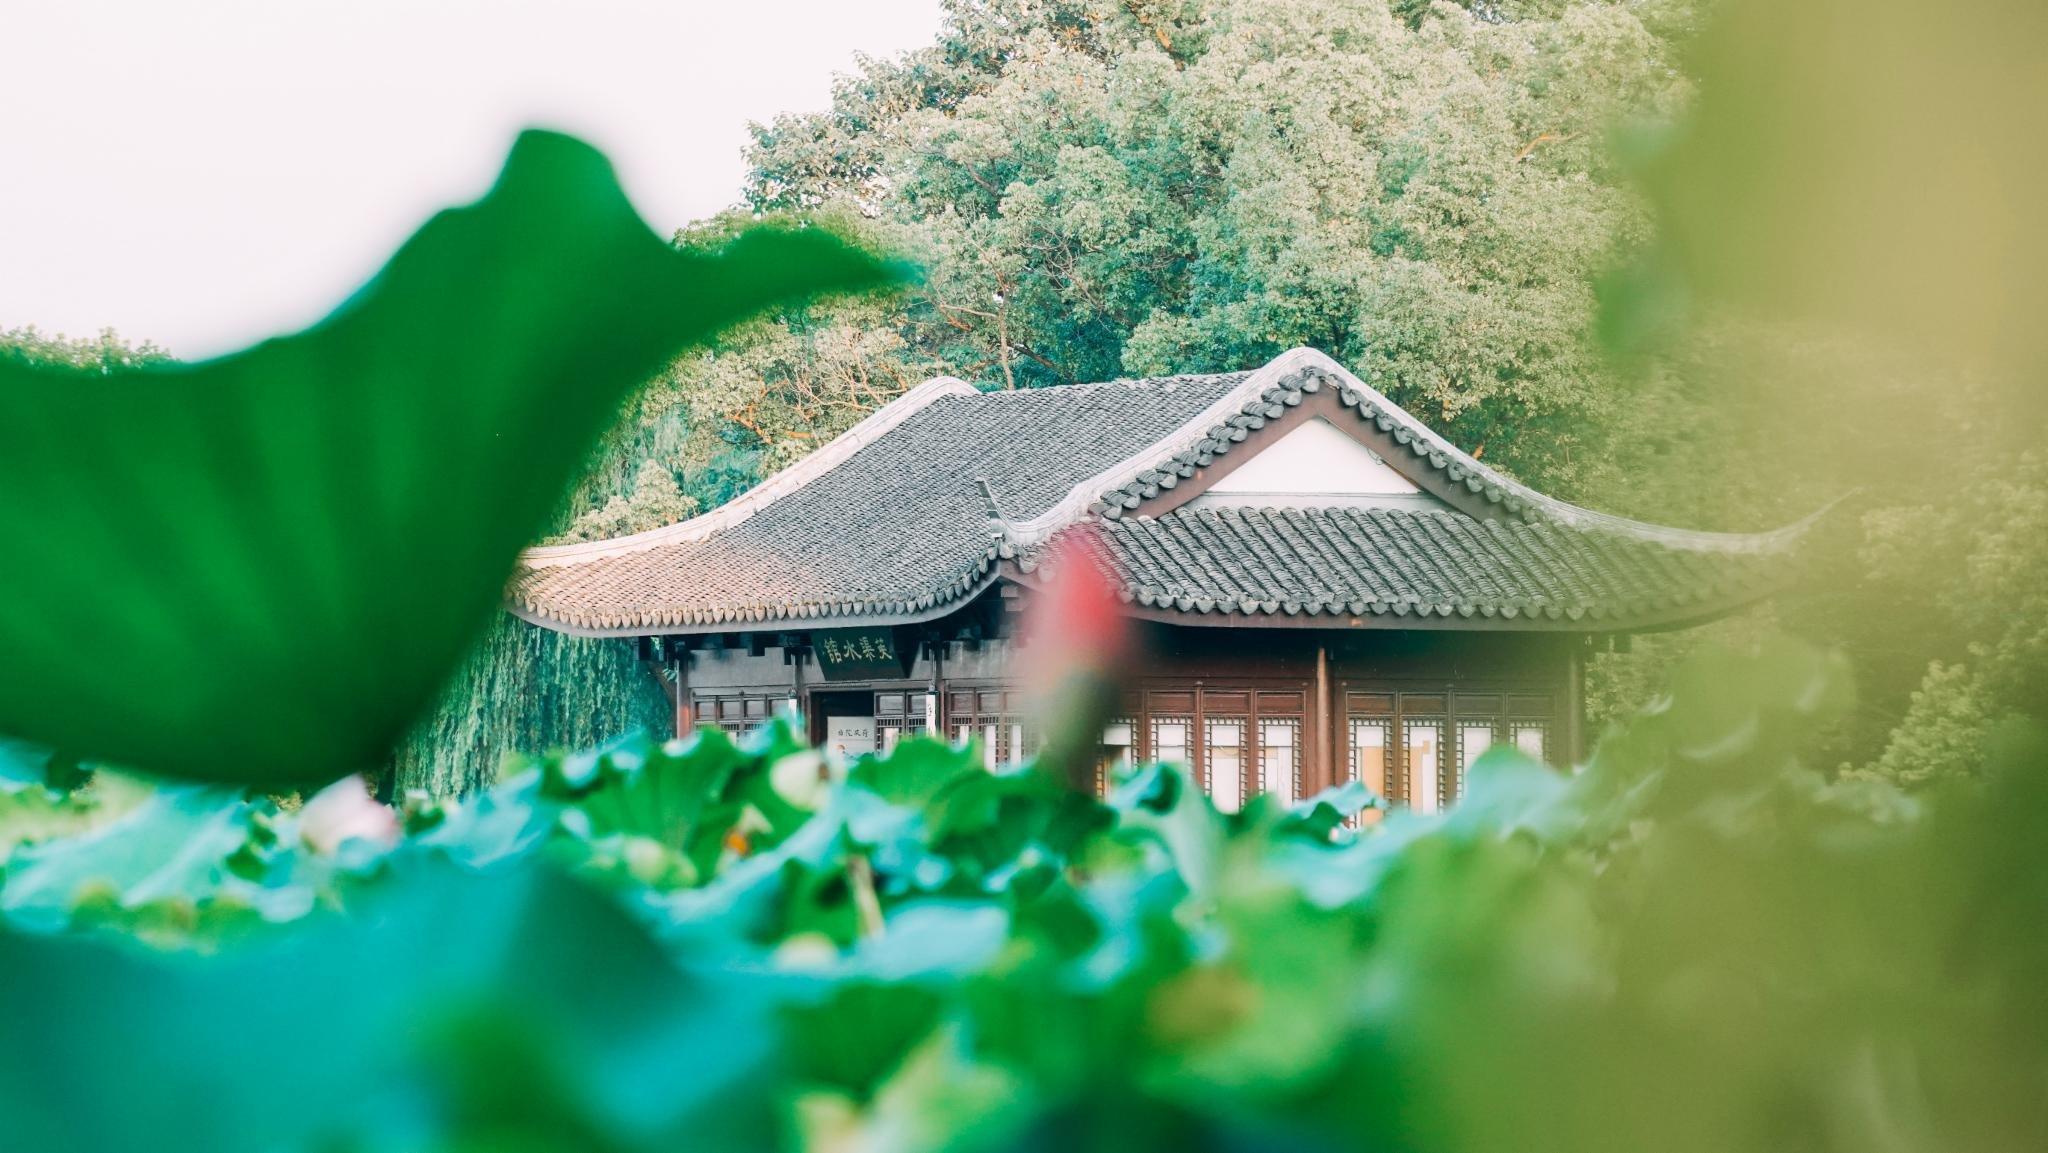 仲夏三日在水一方杭州杭州湿地-杭州旅游攻略西溪两日游玩住宿攻略图片